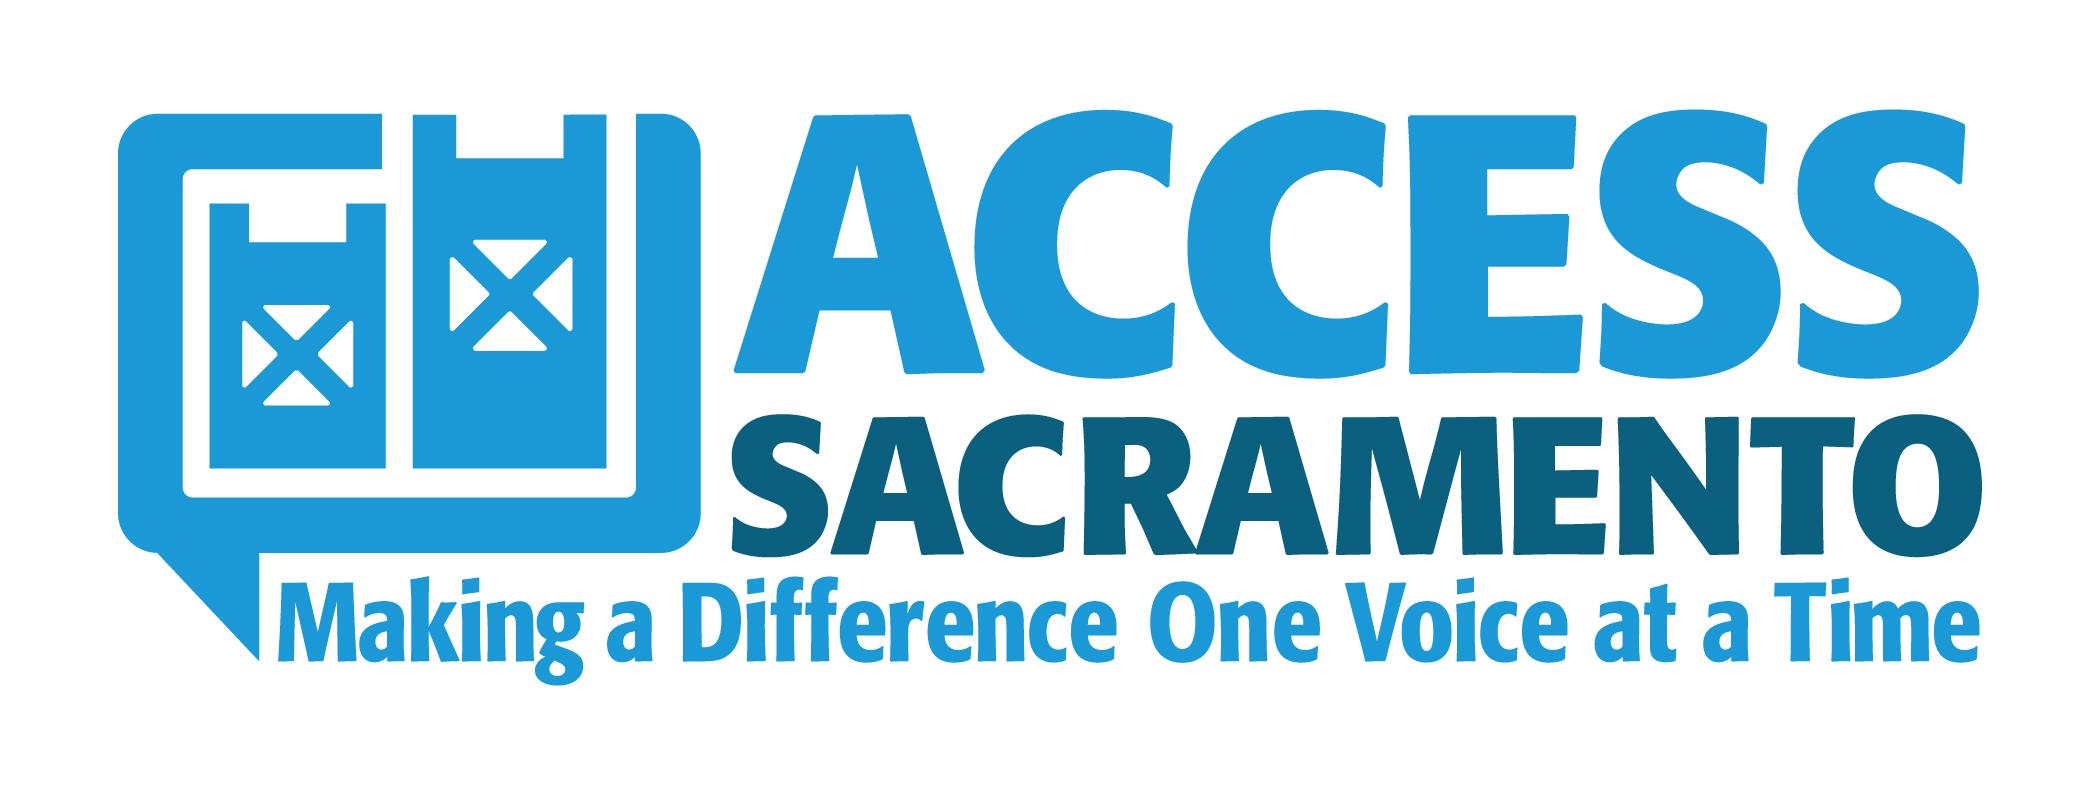 Access Sacramento